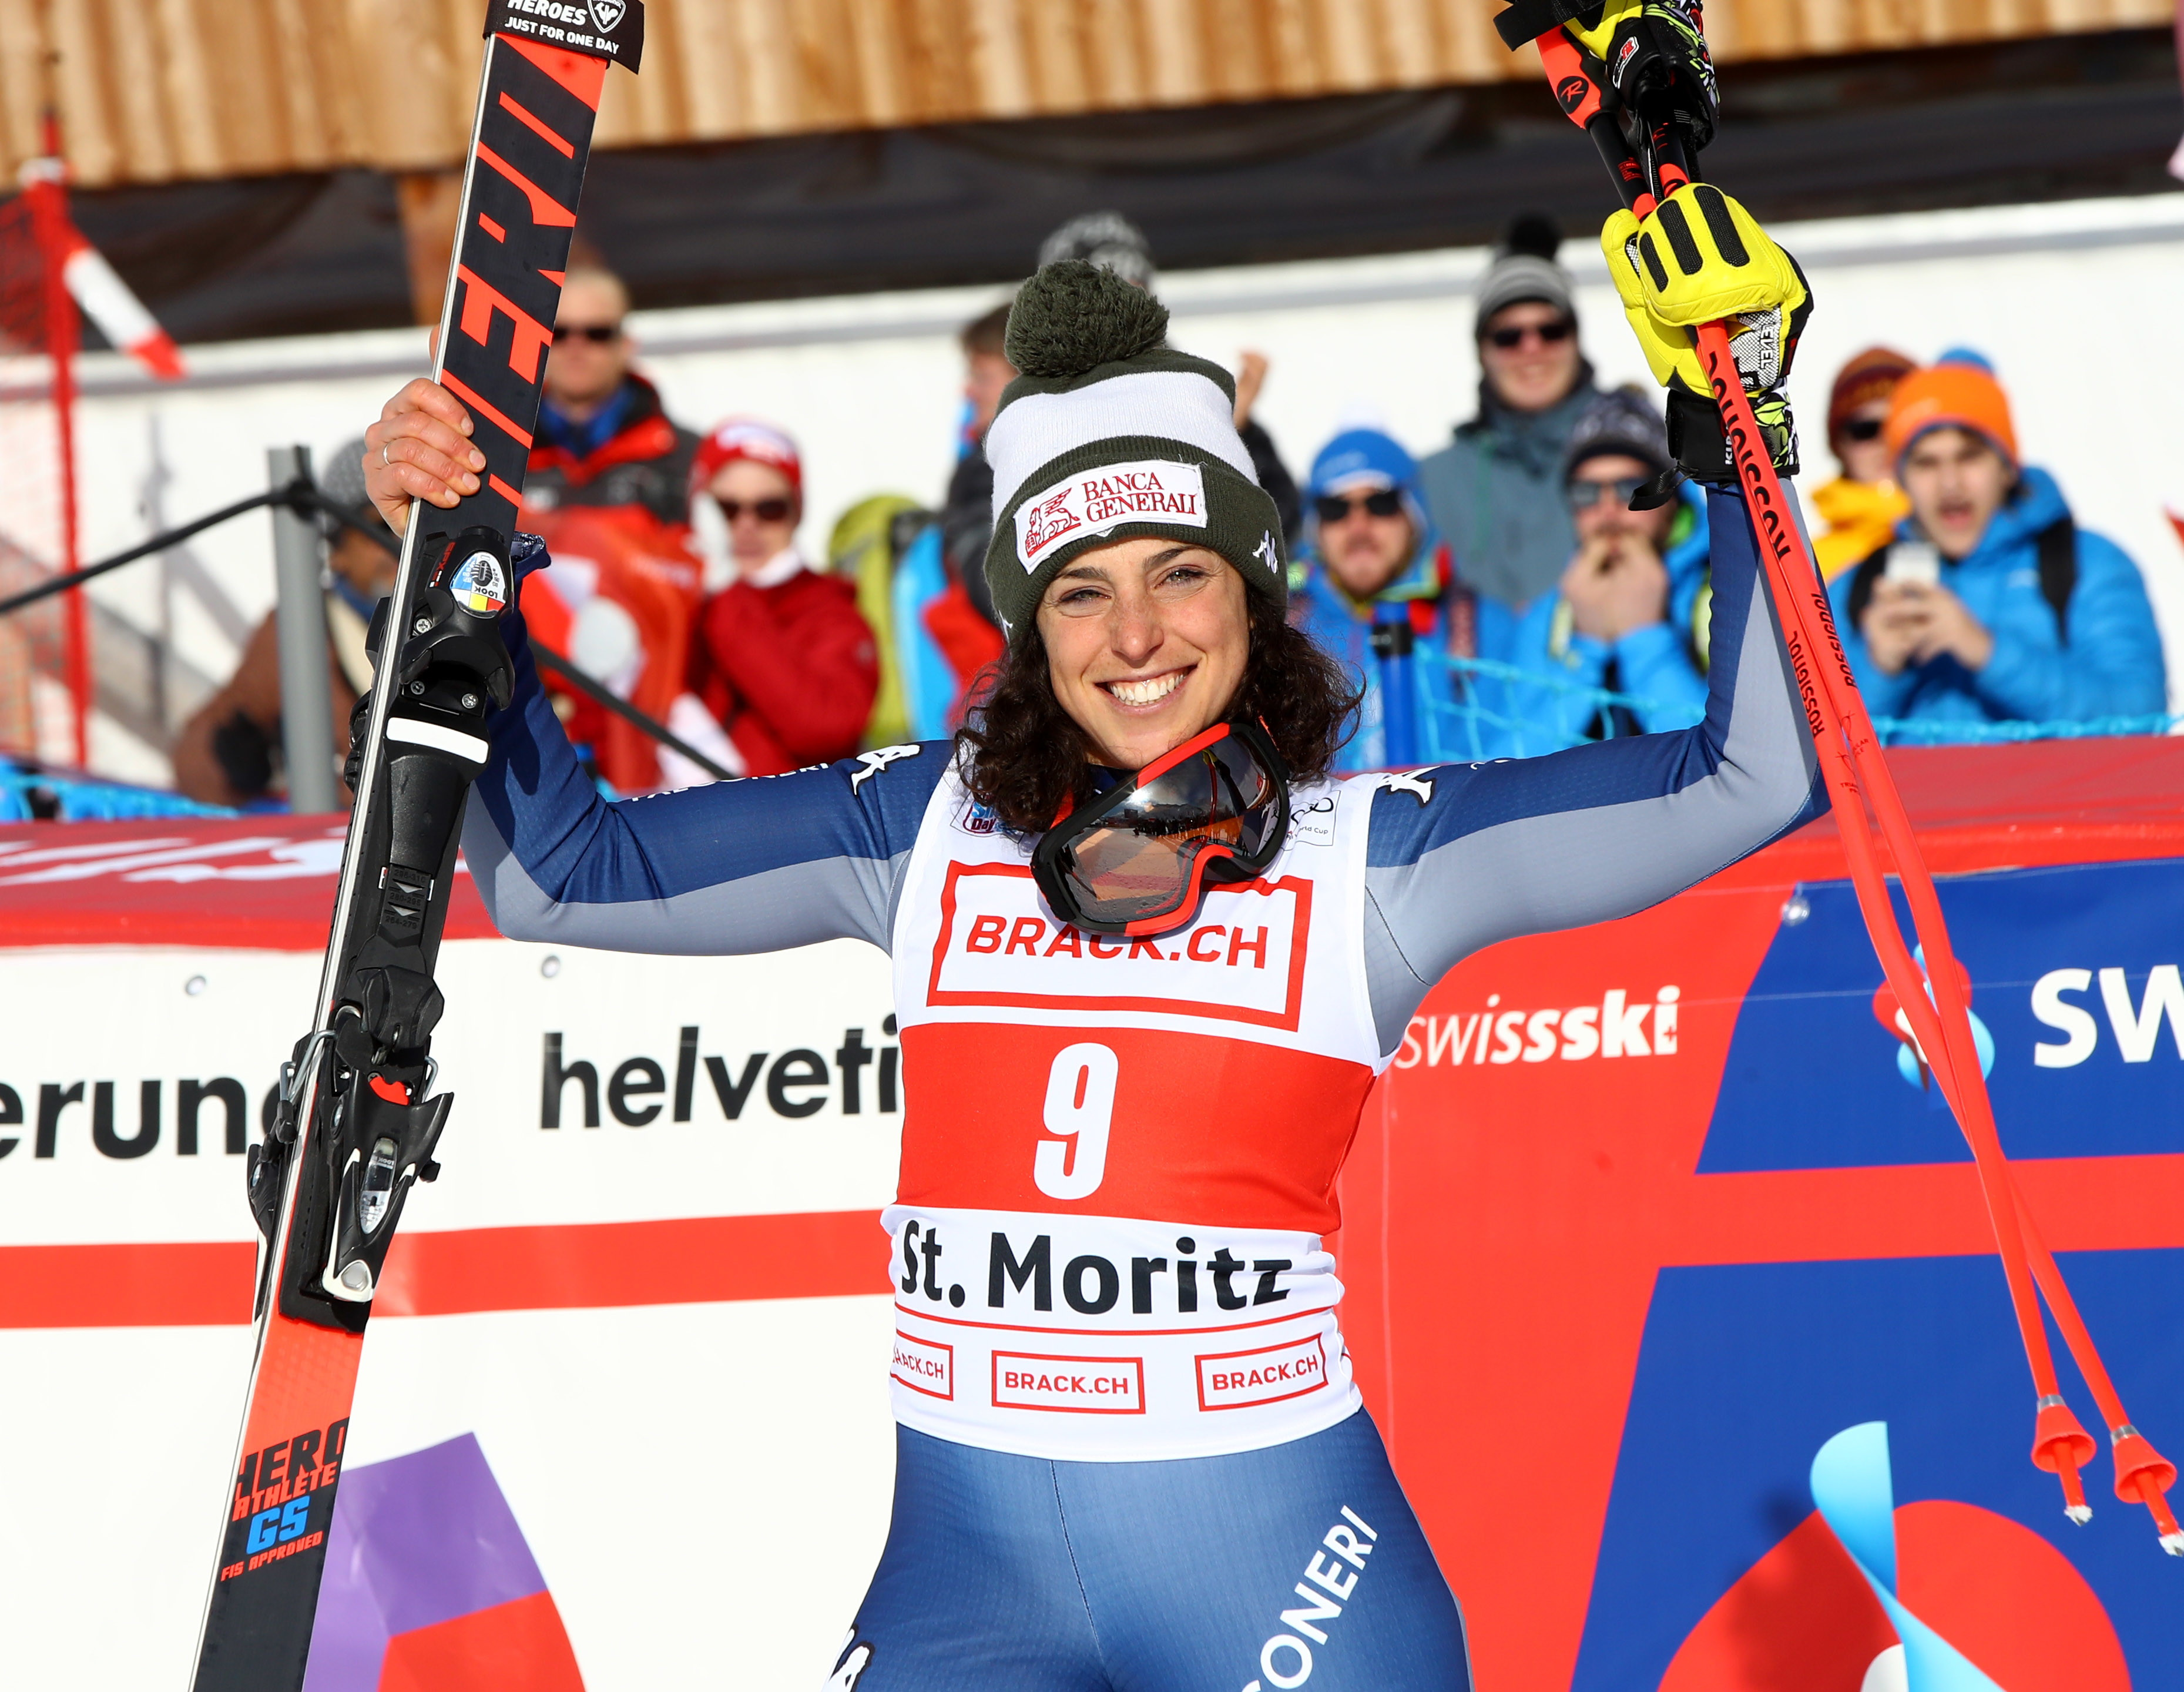 Cancellate le gare di Aare. Federica Brignone conquista la Coppa del Mondo di sci, prima azzurra a riuscire in questa impresa.